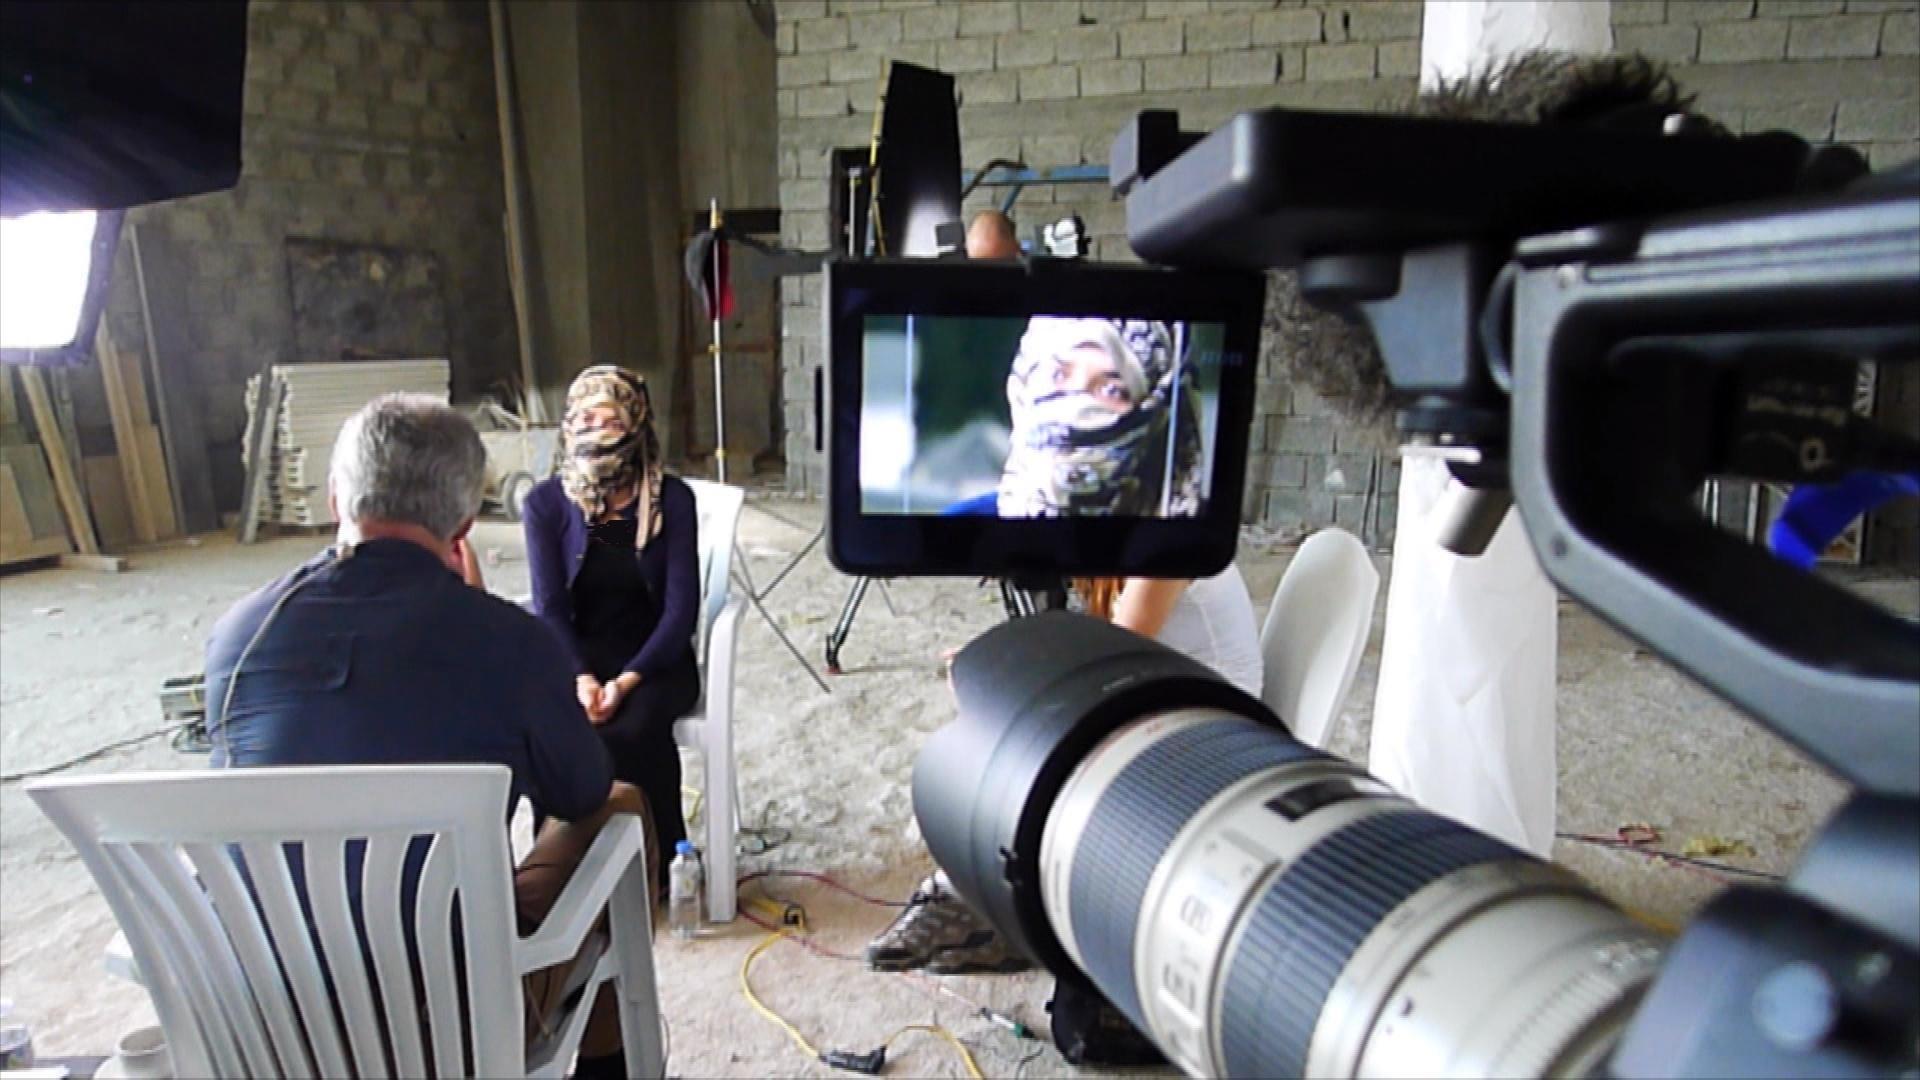 فیلم لحظه هلاکت فیلمبردار داعشی از دوربین خودش